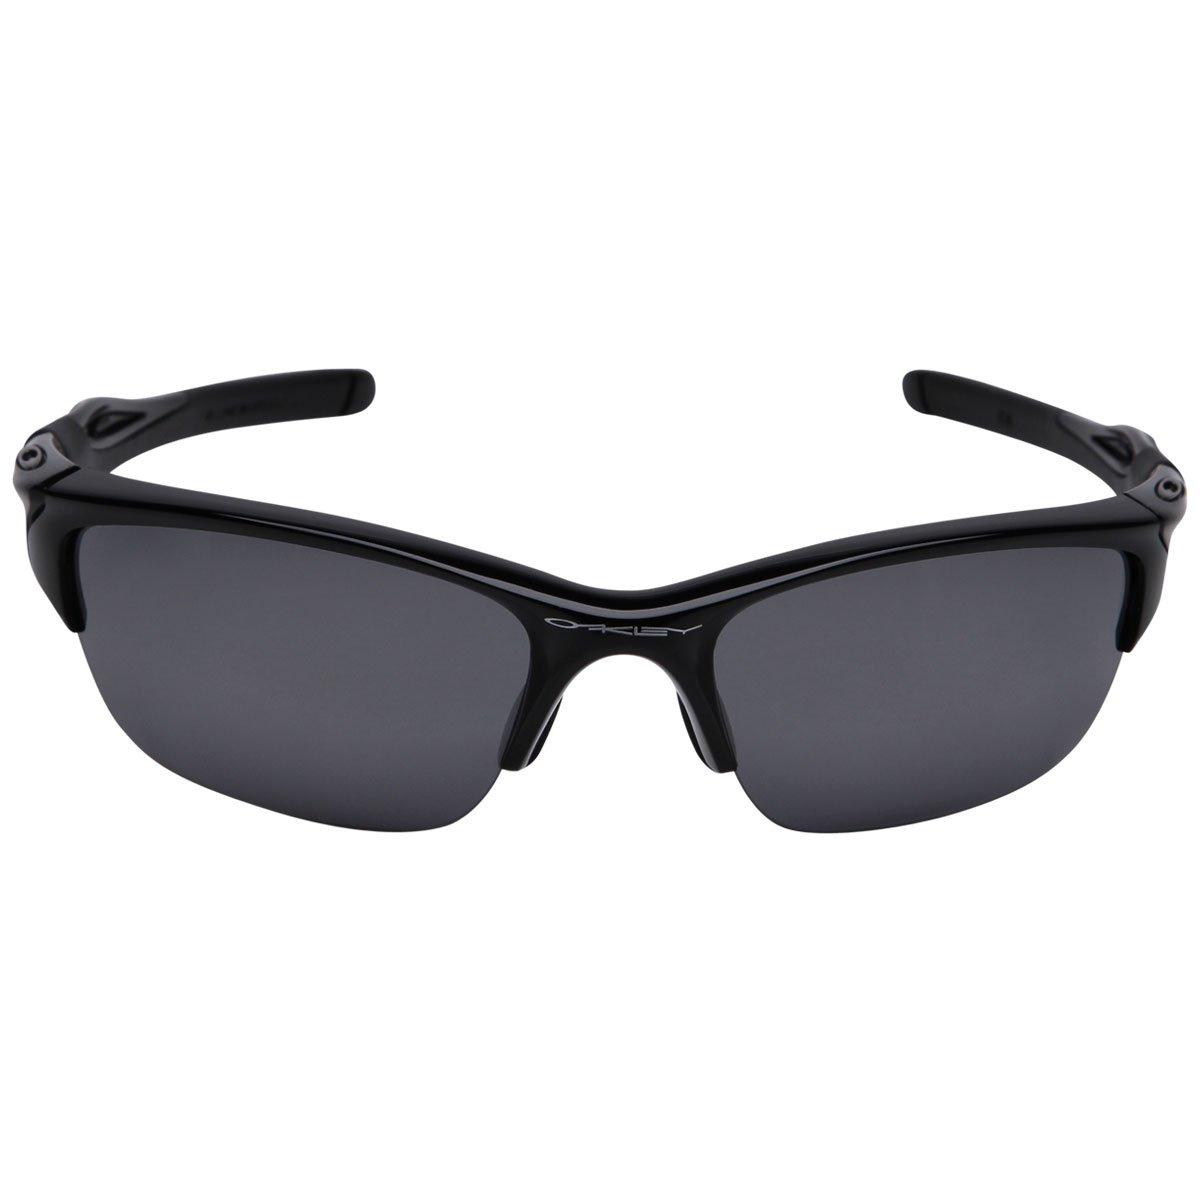 17a6bda1d733b Óculos Oakley Half Jacket 2.0 - Compre Agora   Netshoes